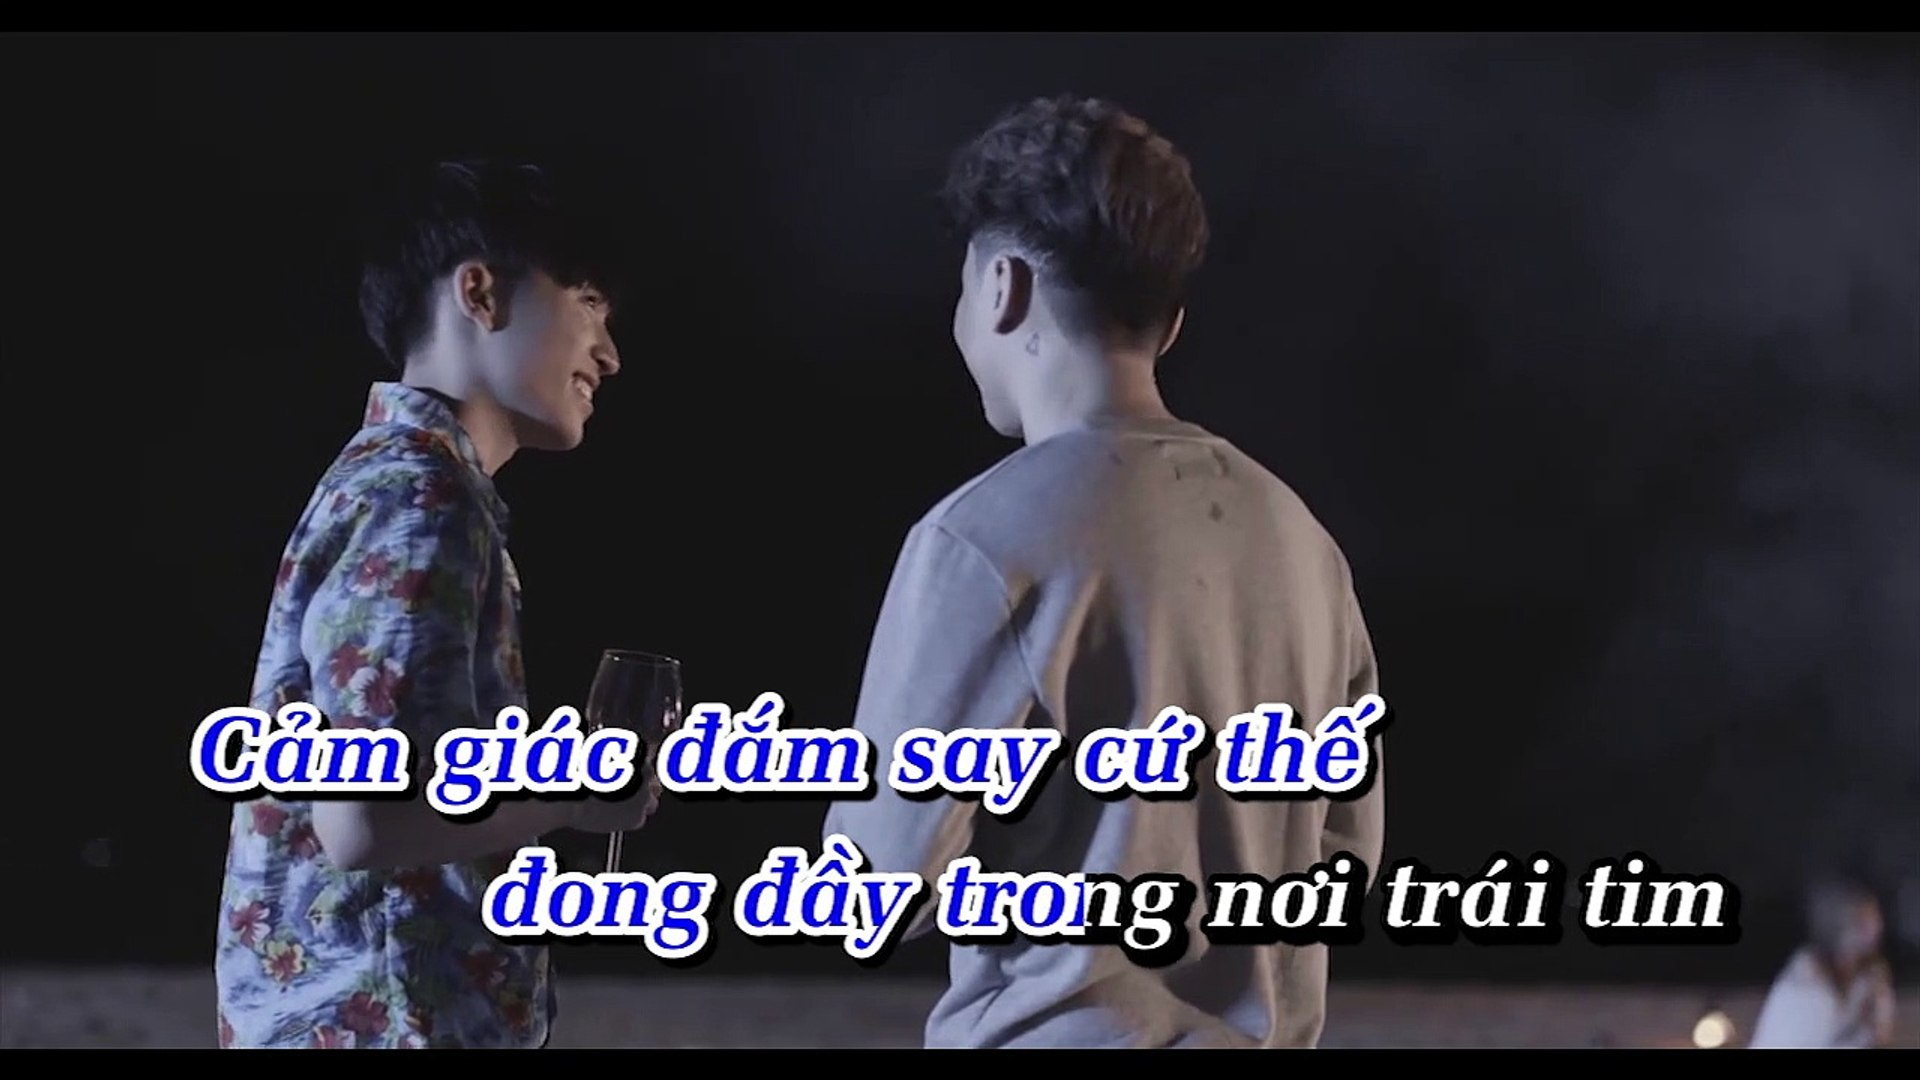 [Karaoke] Yêu Em Rất Nhiều - Hoàng Tôn [Beat]